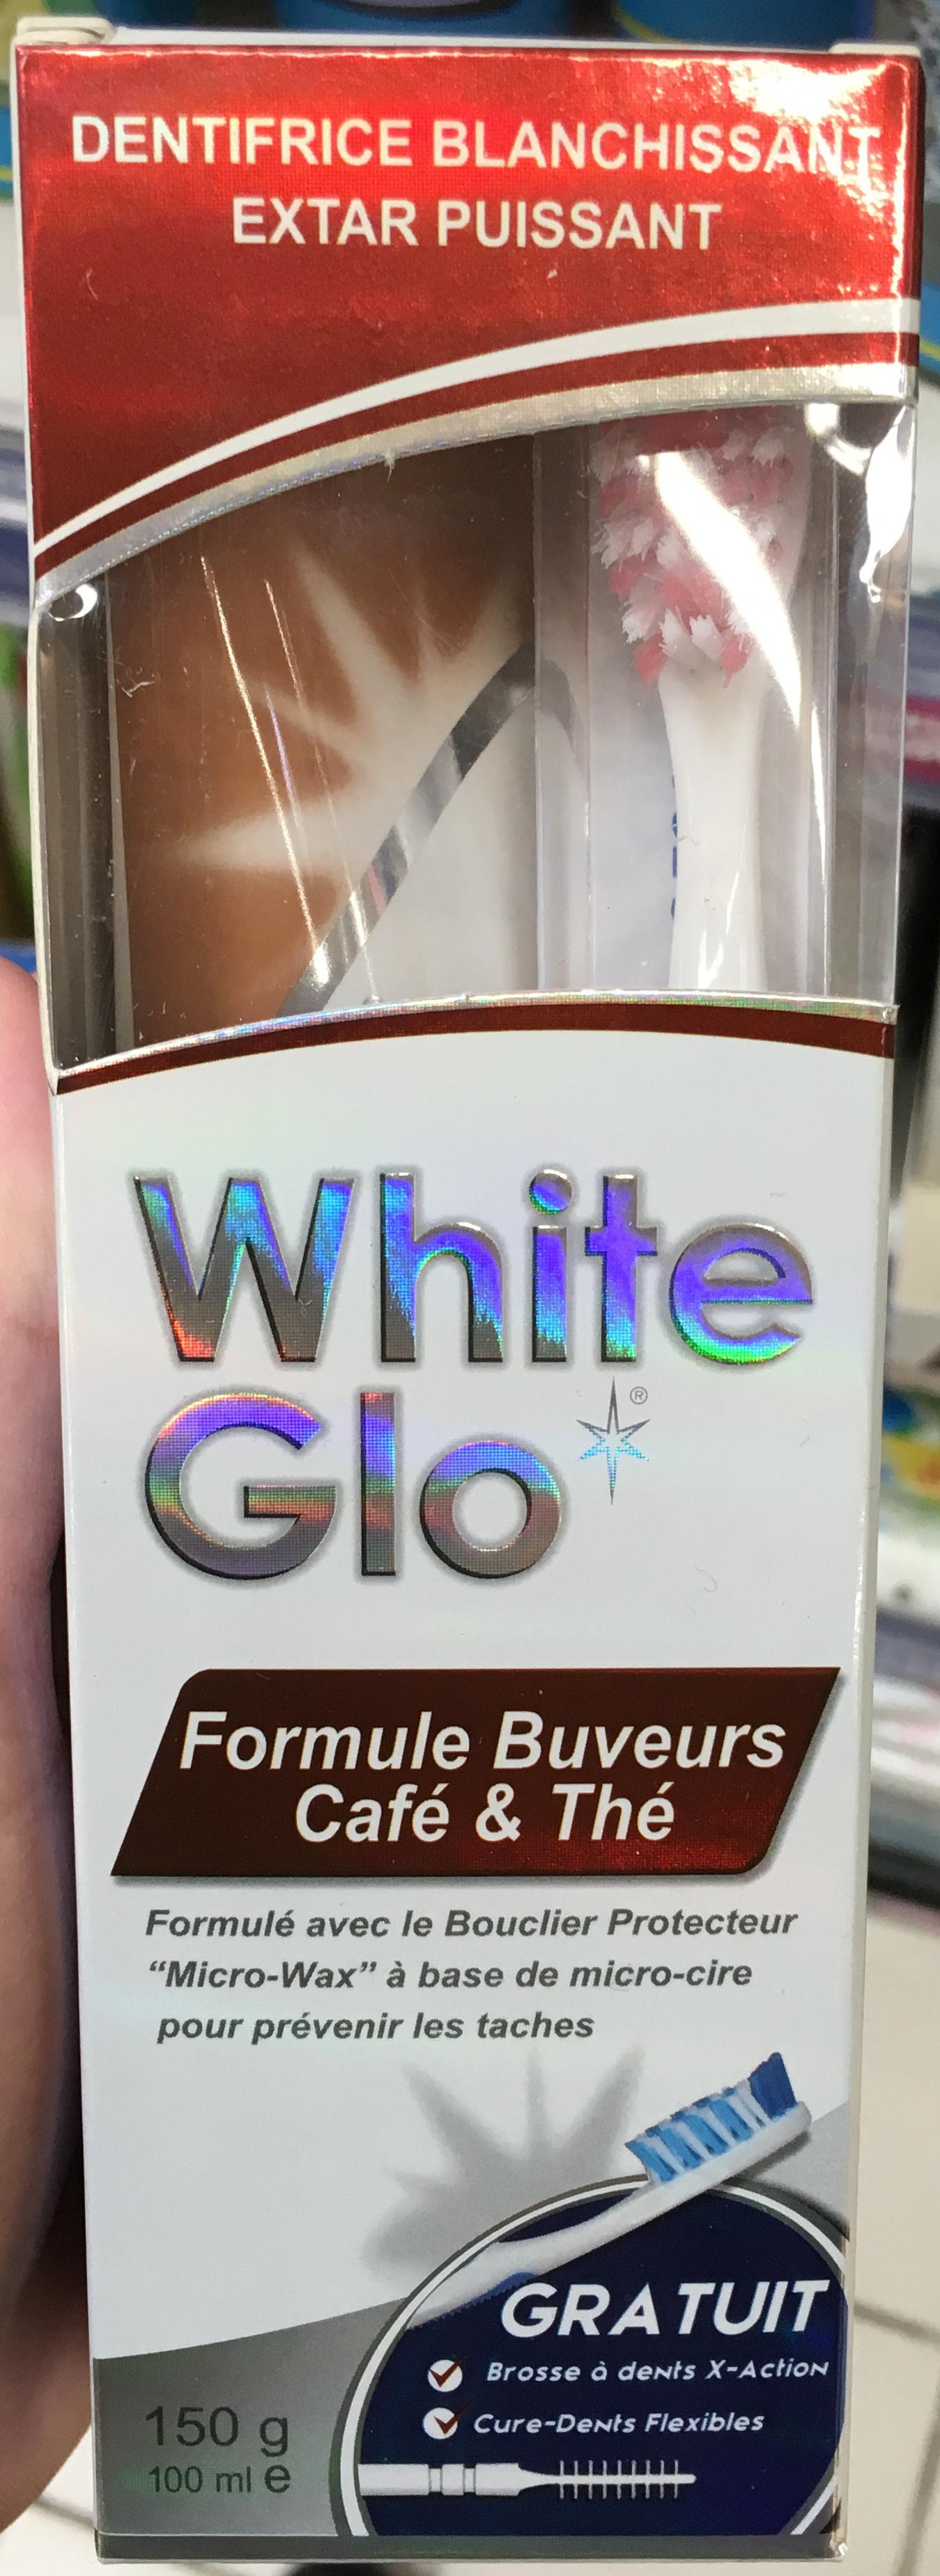 Dentifrice blanchissant Formule Buveurs Café & Thé - Product - fr